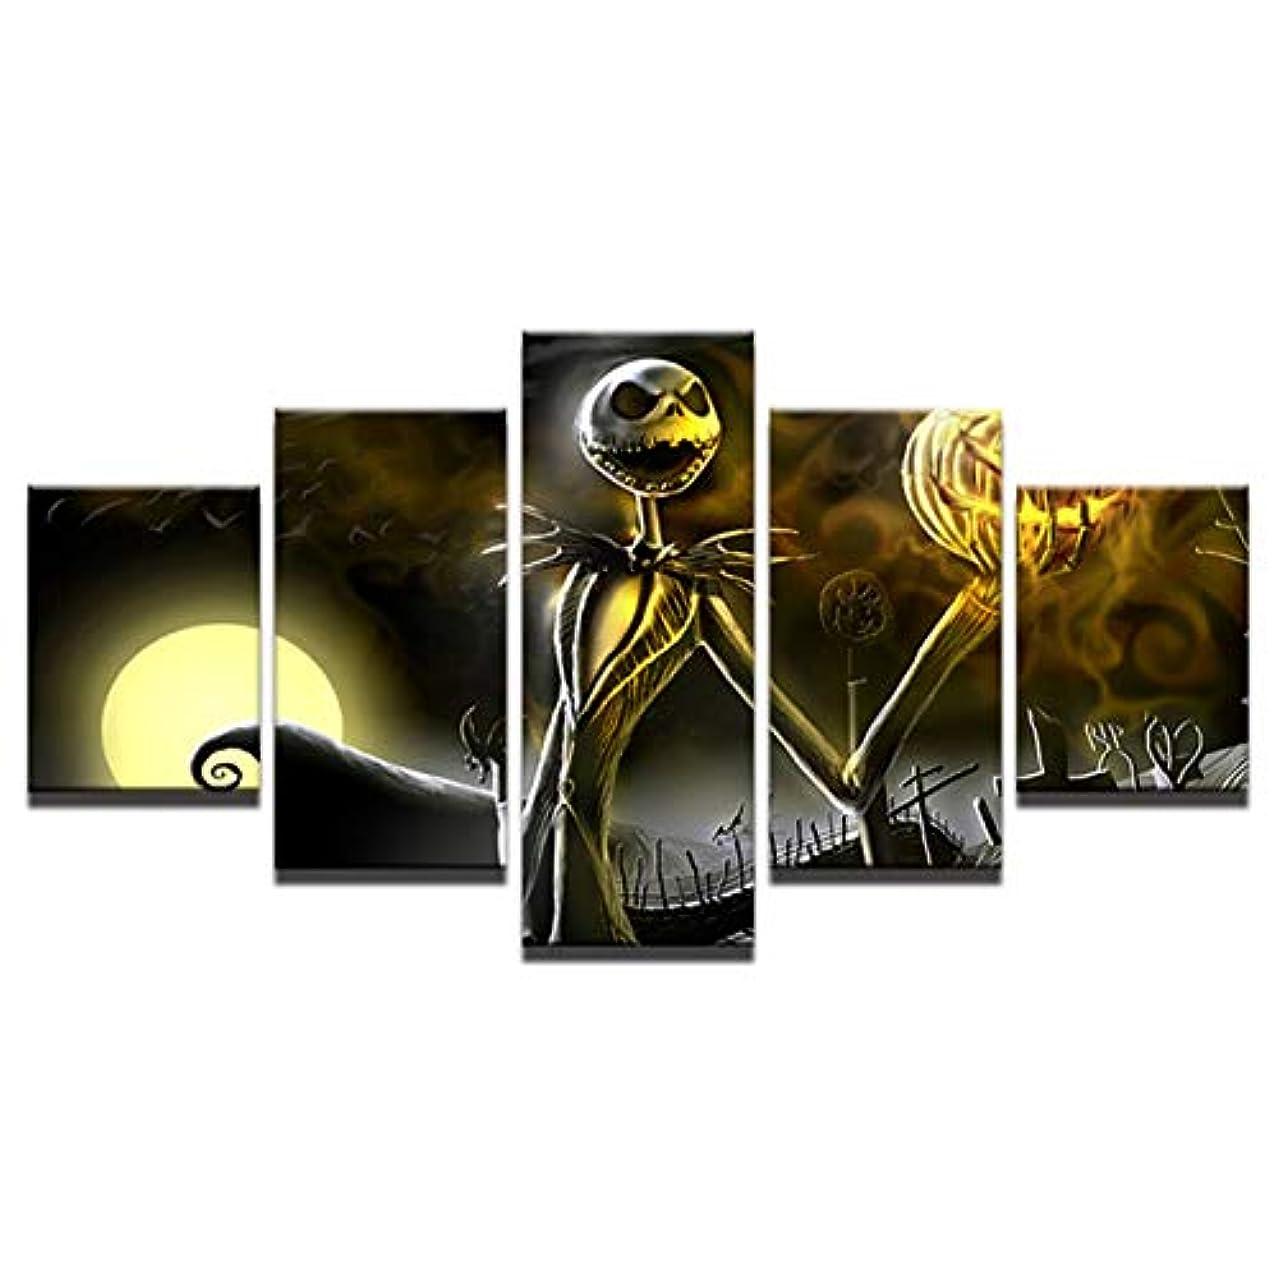 ゴミ箱を空にするレンダリング主張するSaikogoods レトロジャック?スケリントン絵画モジュラーキャンバスウォールアート写真5つのHallowmasホームデコレーション 多色 10×15cm×2個10×20cm×2個10×2